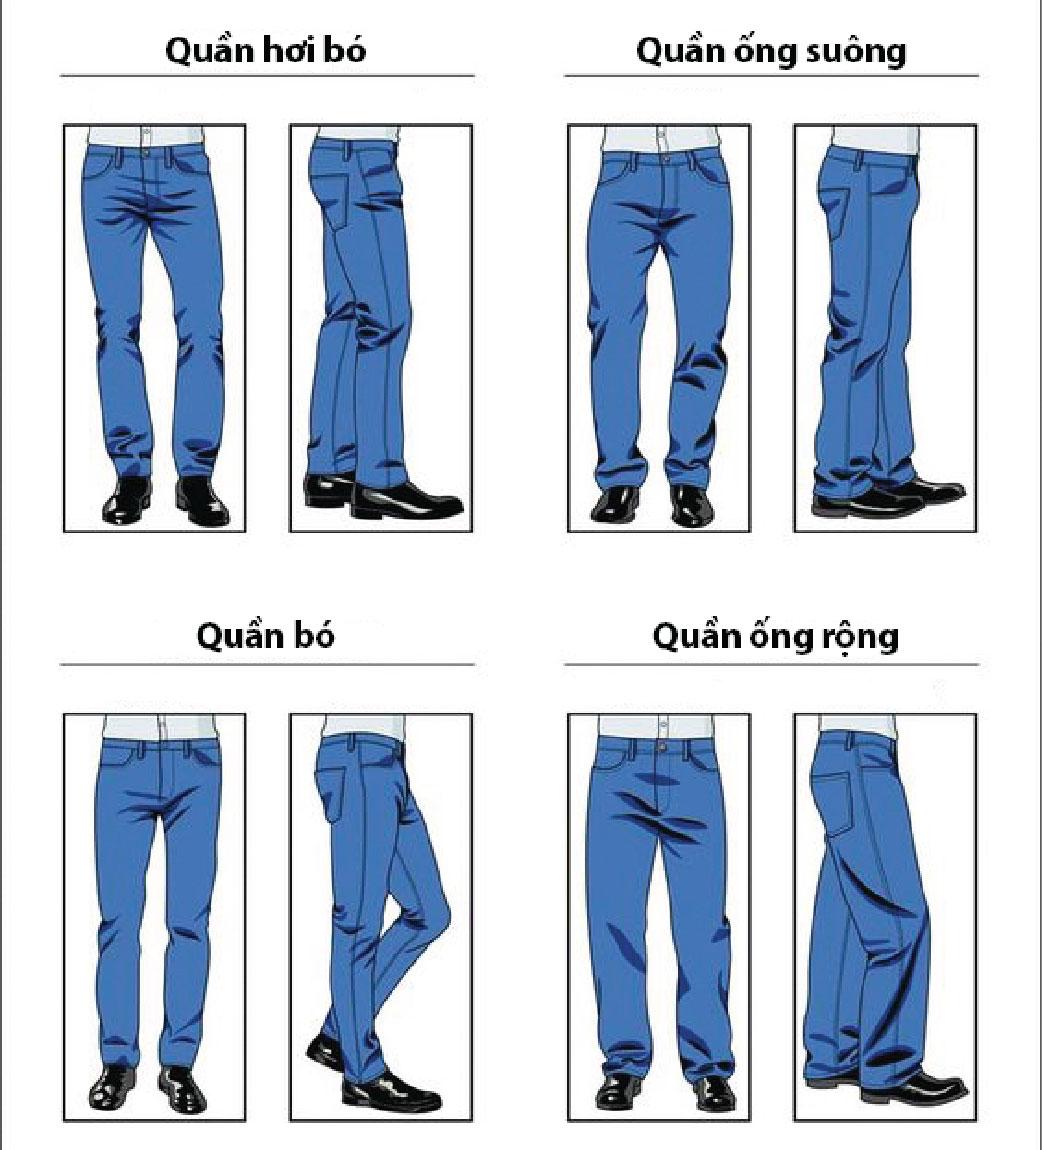 Bí kíp chọn quần jeans phù hợp với vóc dáng - 2